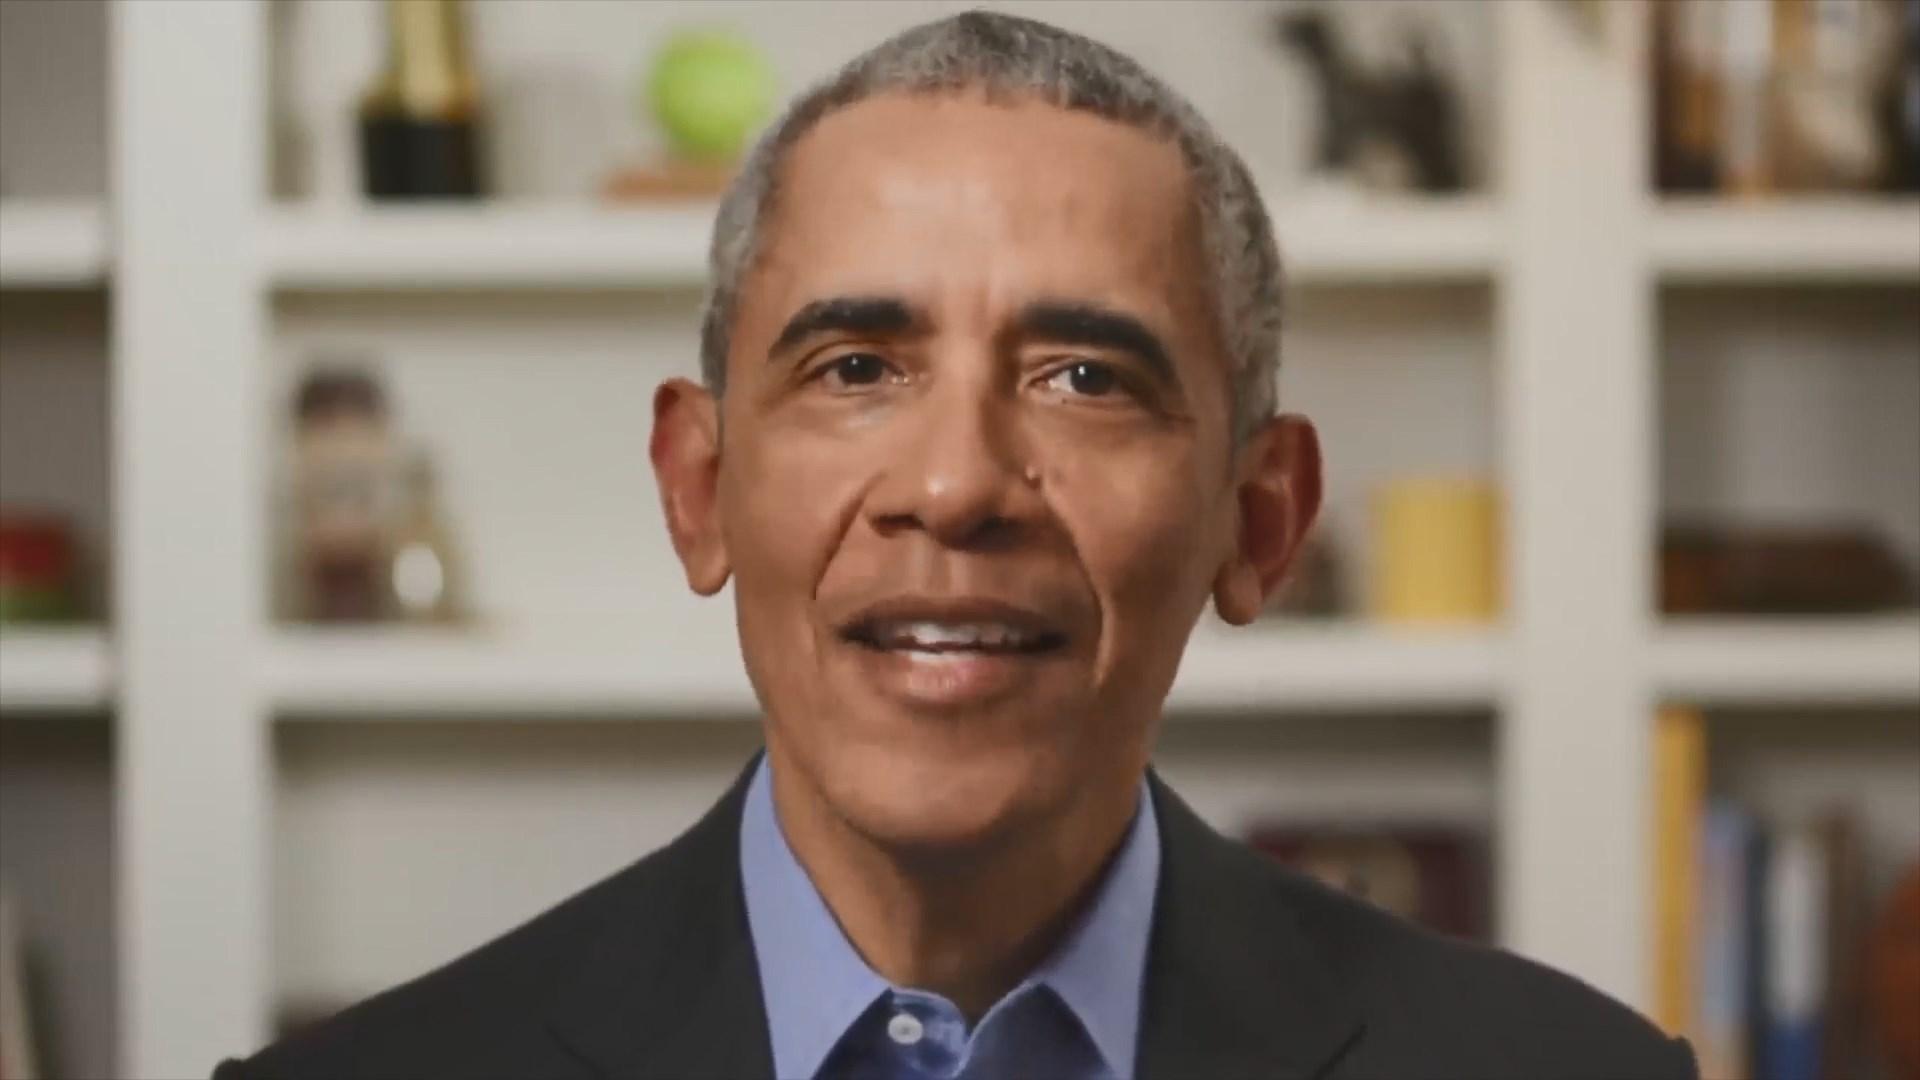 Obamagate distrazione elettorale o vero scandalo?